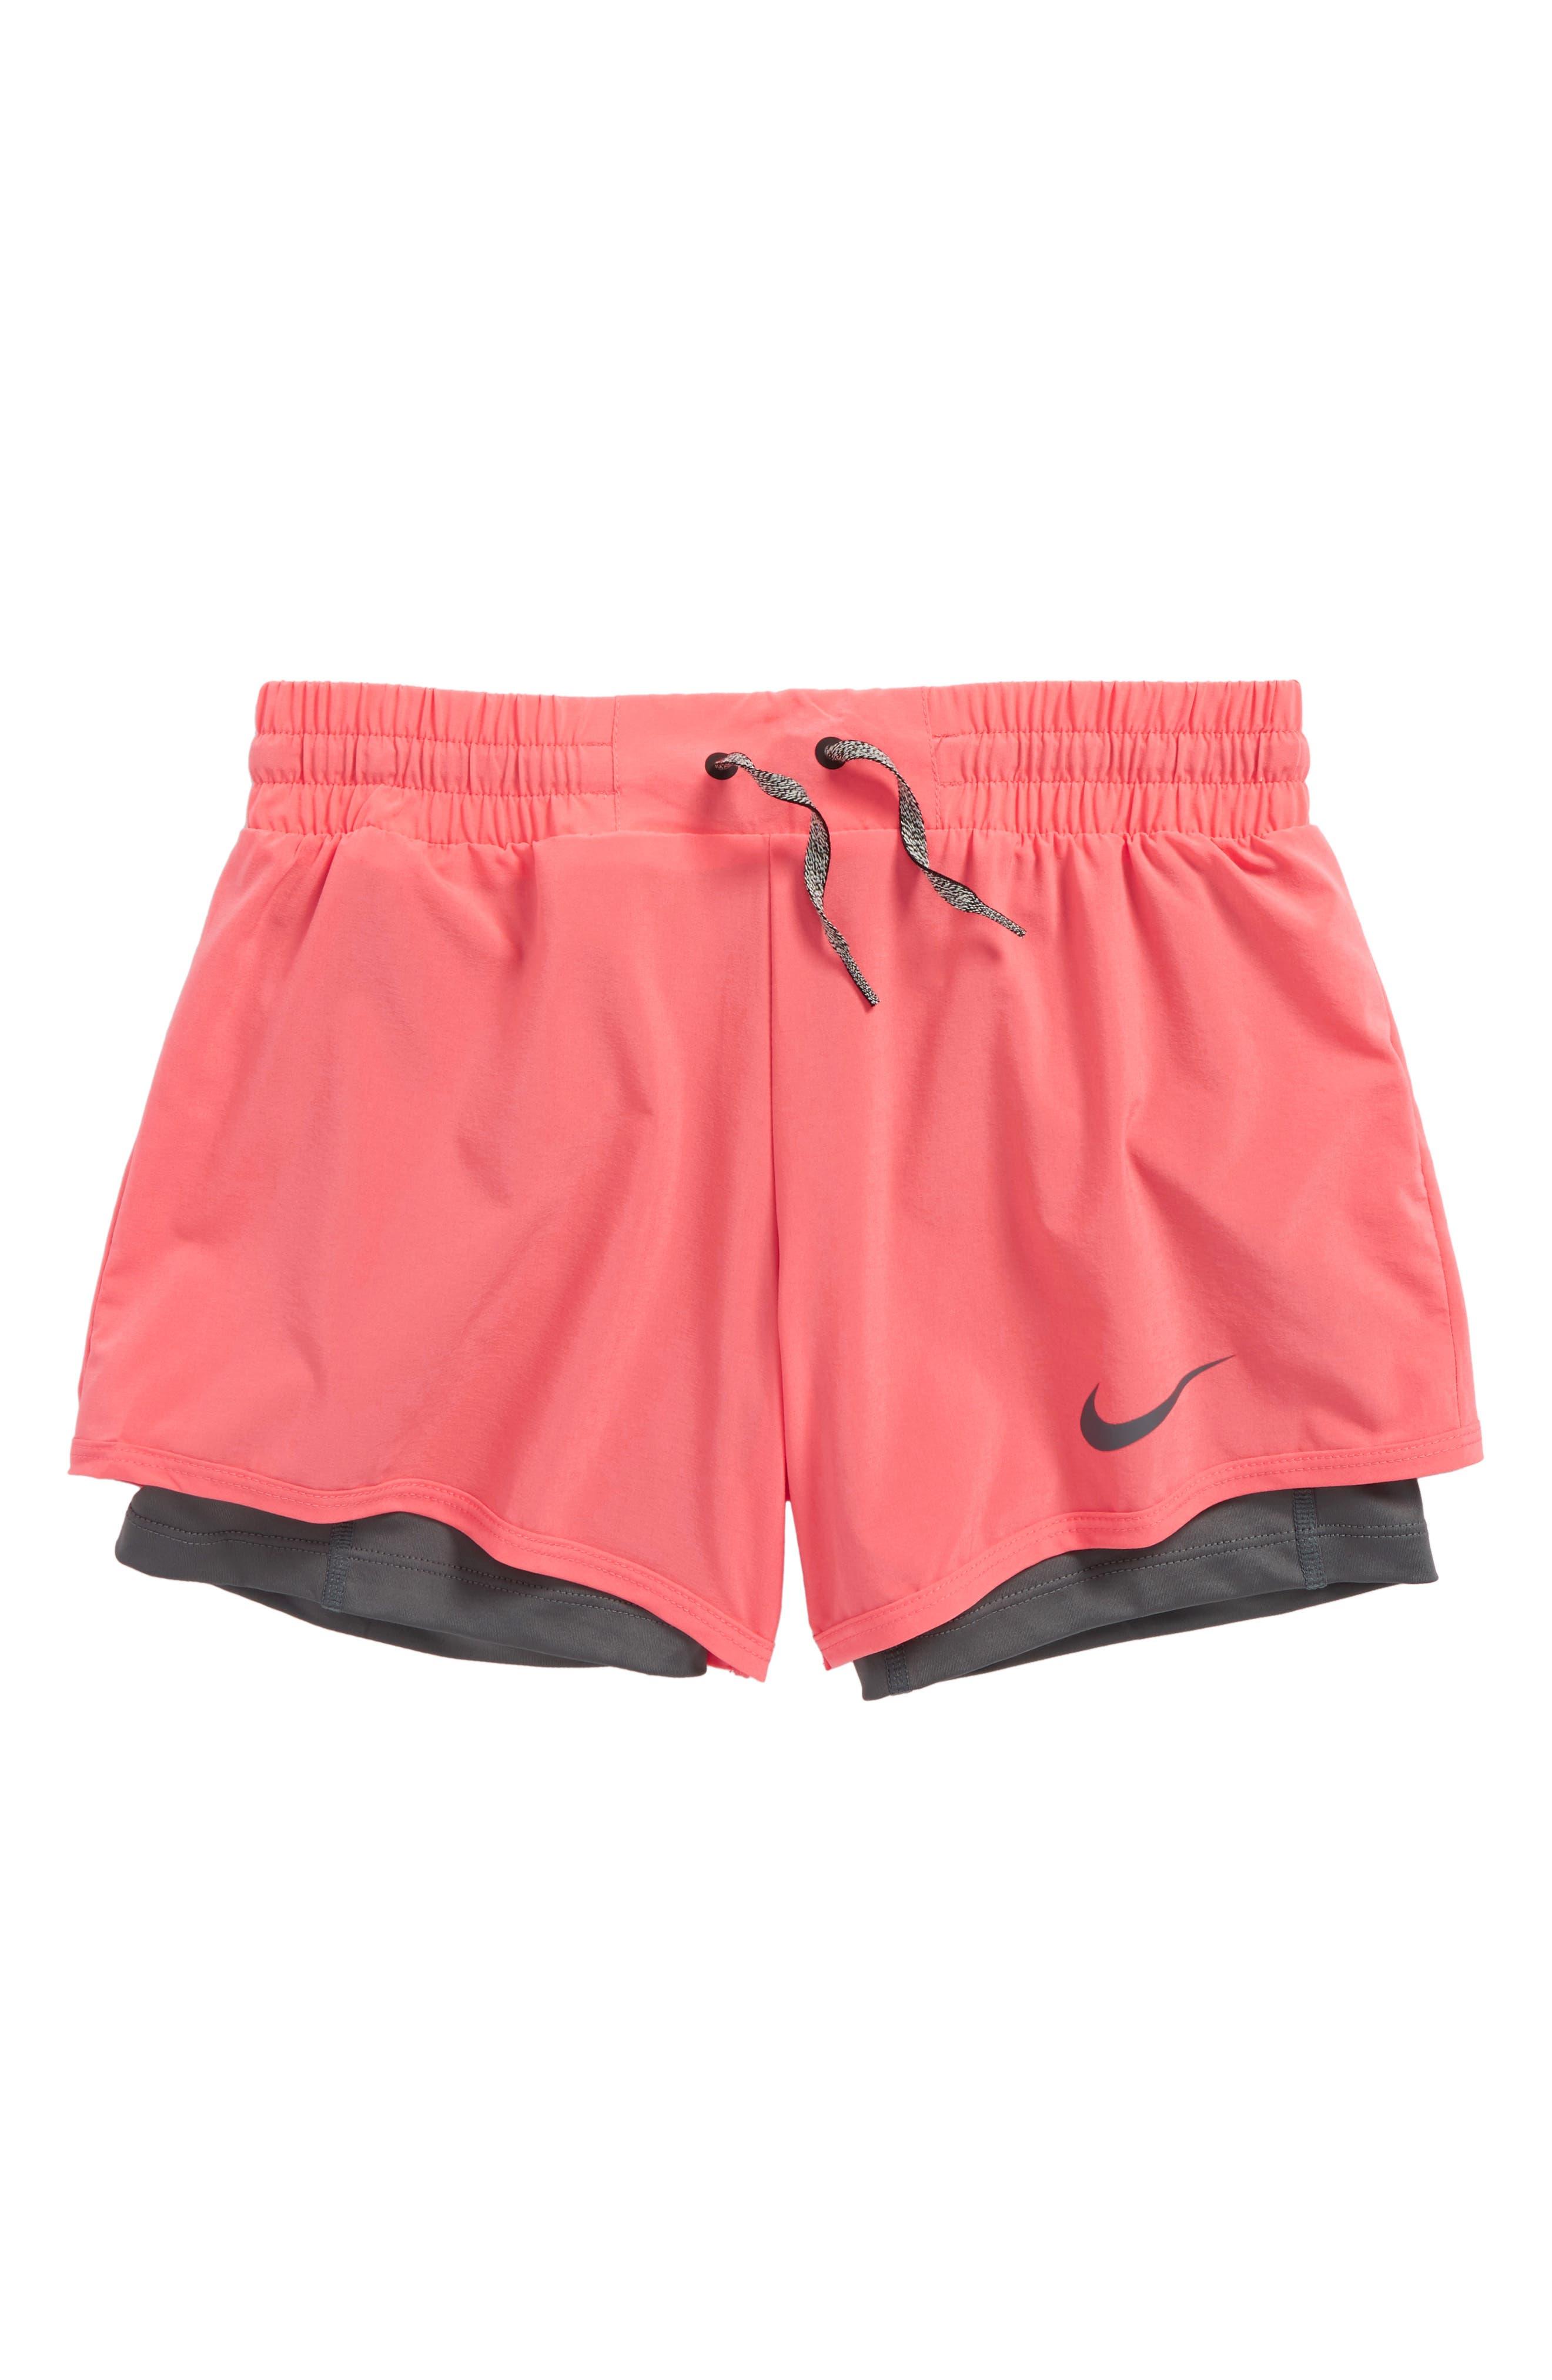 Nike 2-in-1 Training Shorts (Big Girls)